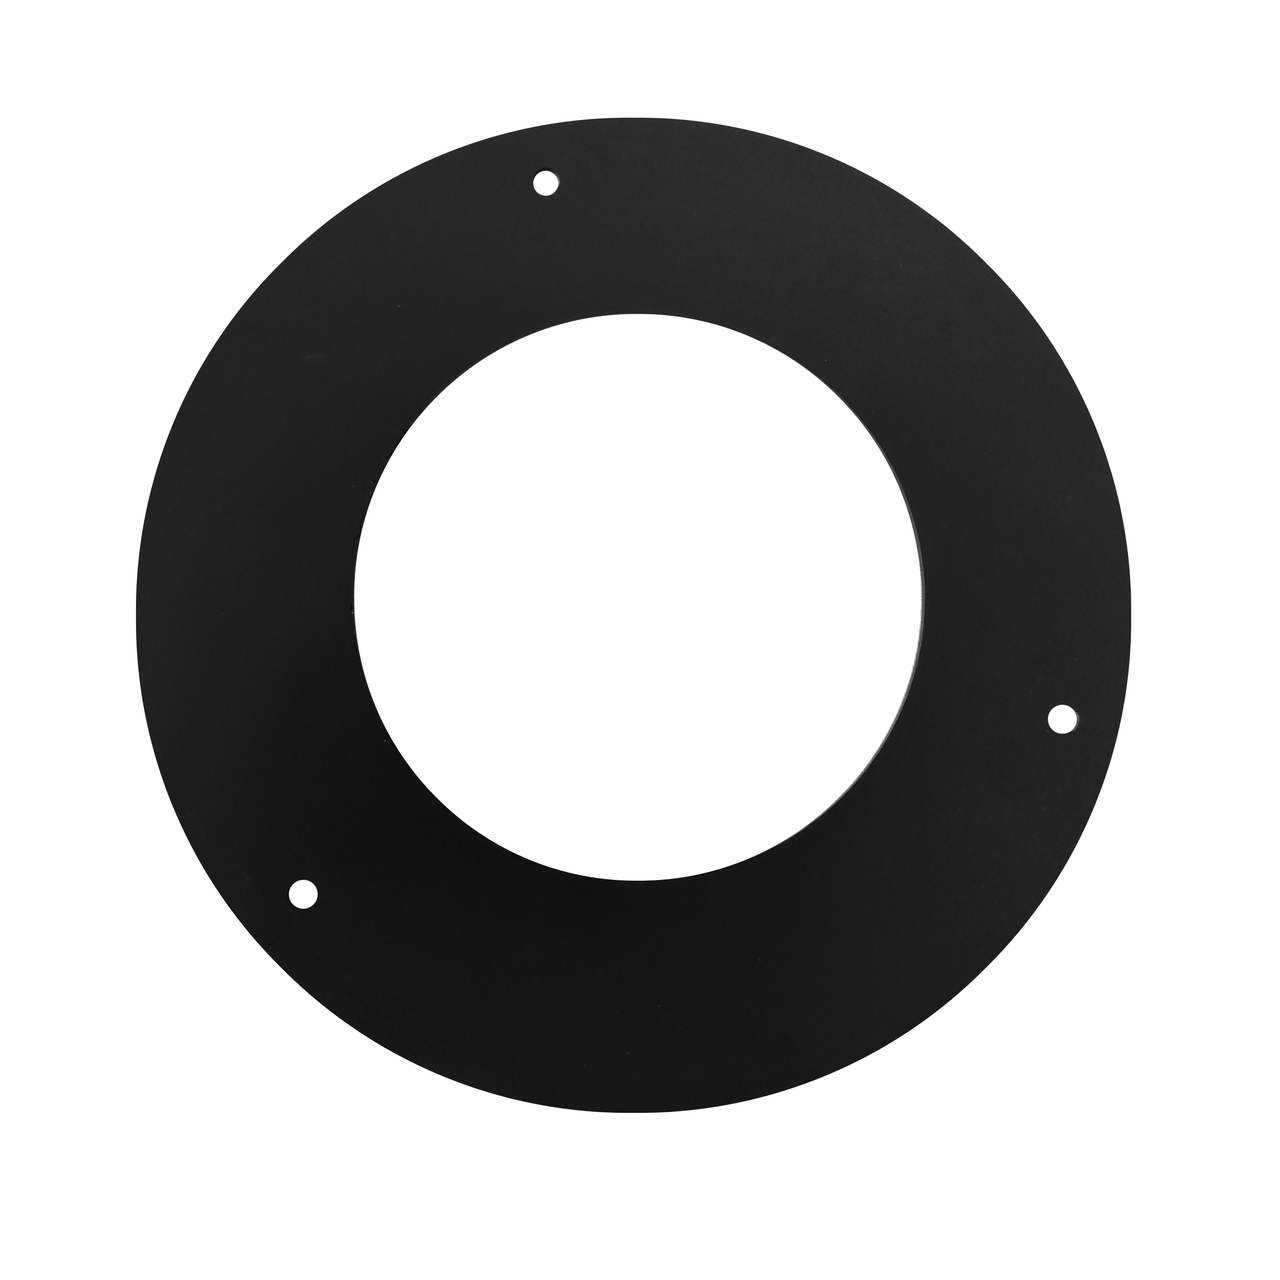 Розетта 90° ø150 мм 2 мм для каміна печі димоходу димохідна з чорного металу кольору чорної сталі Версія-Люкс